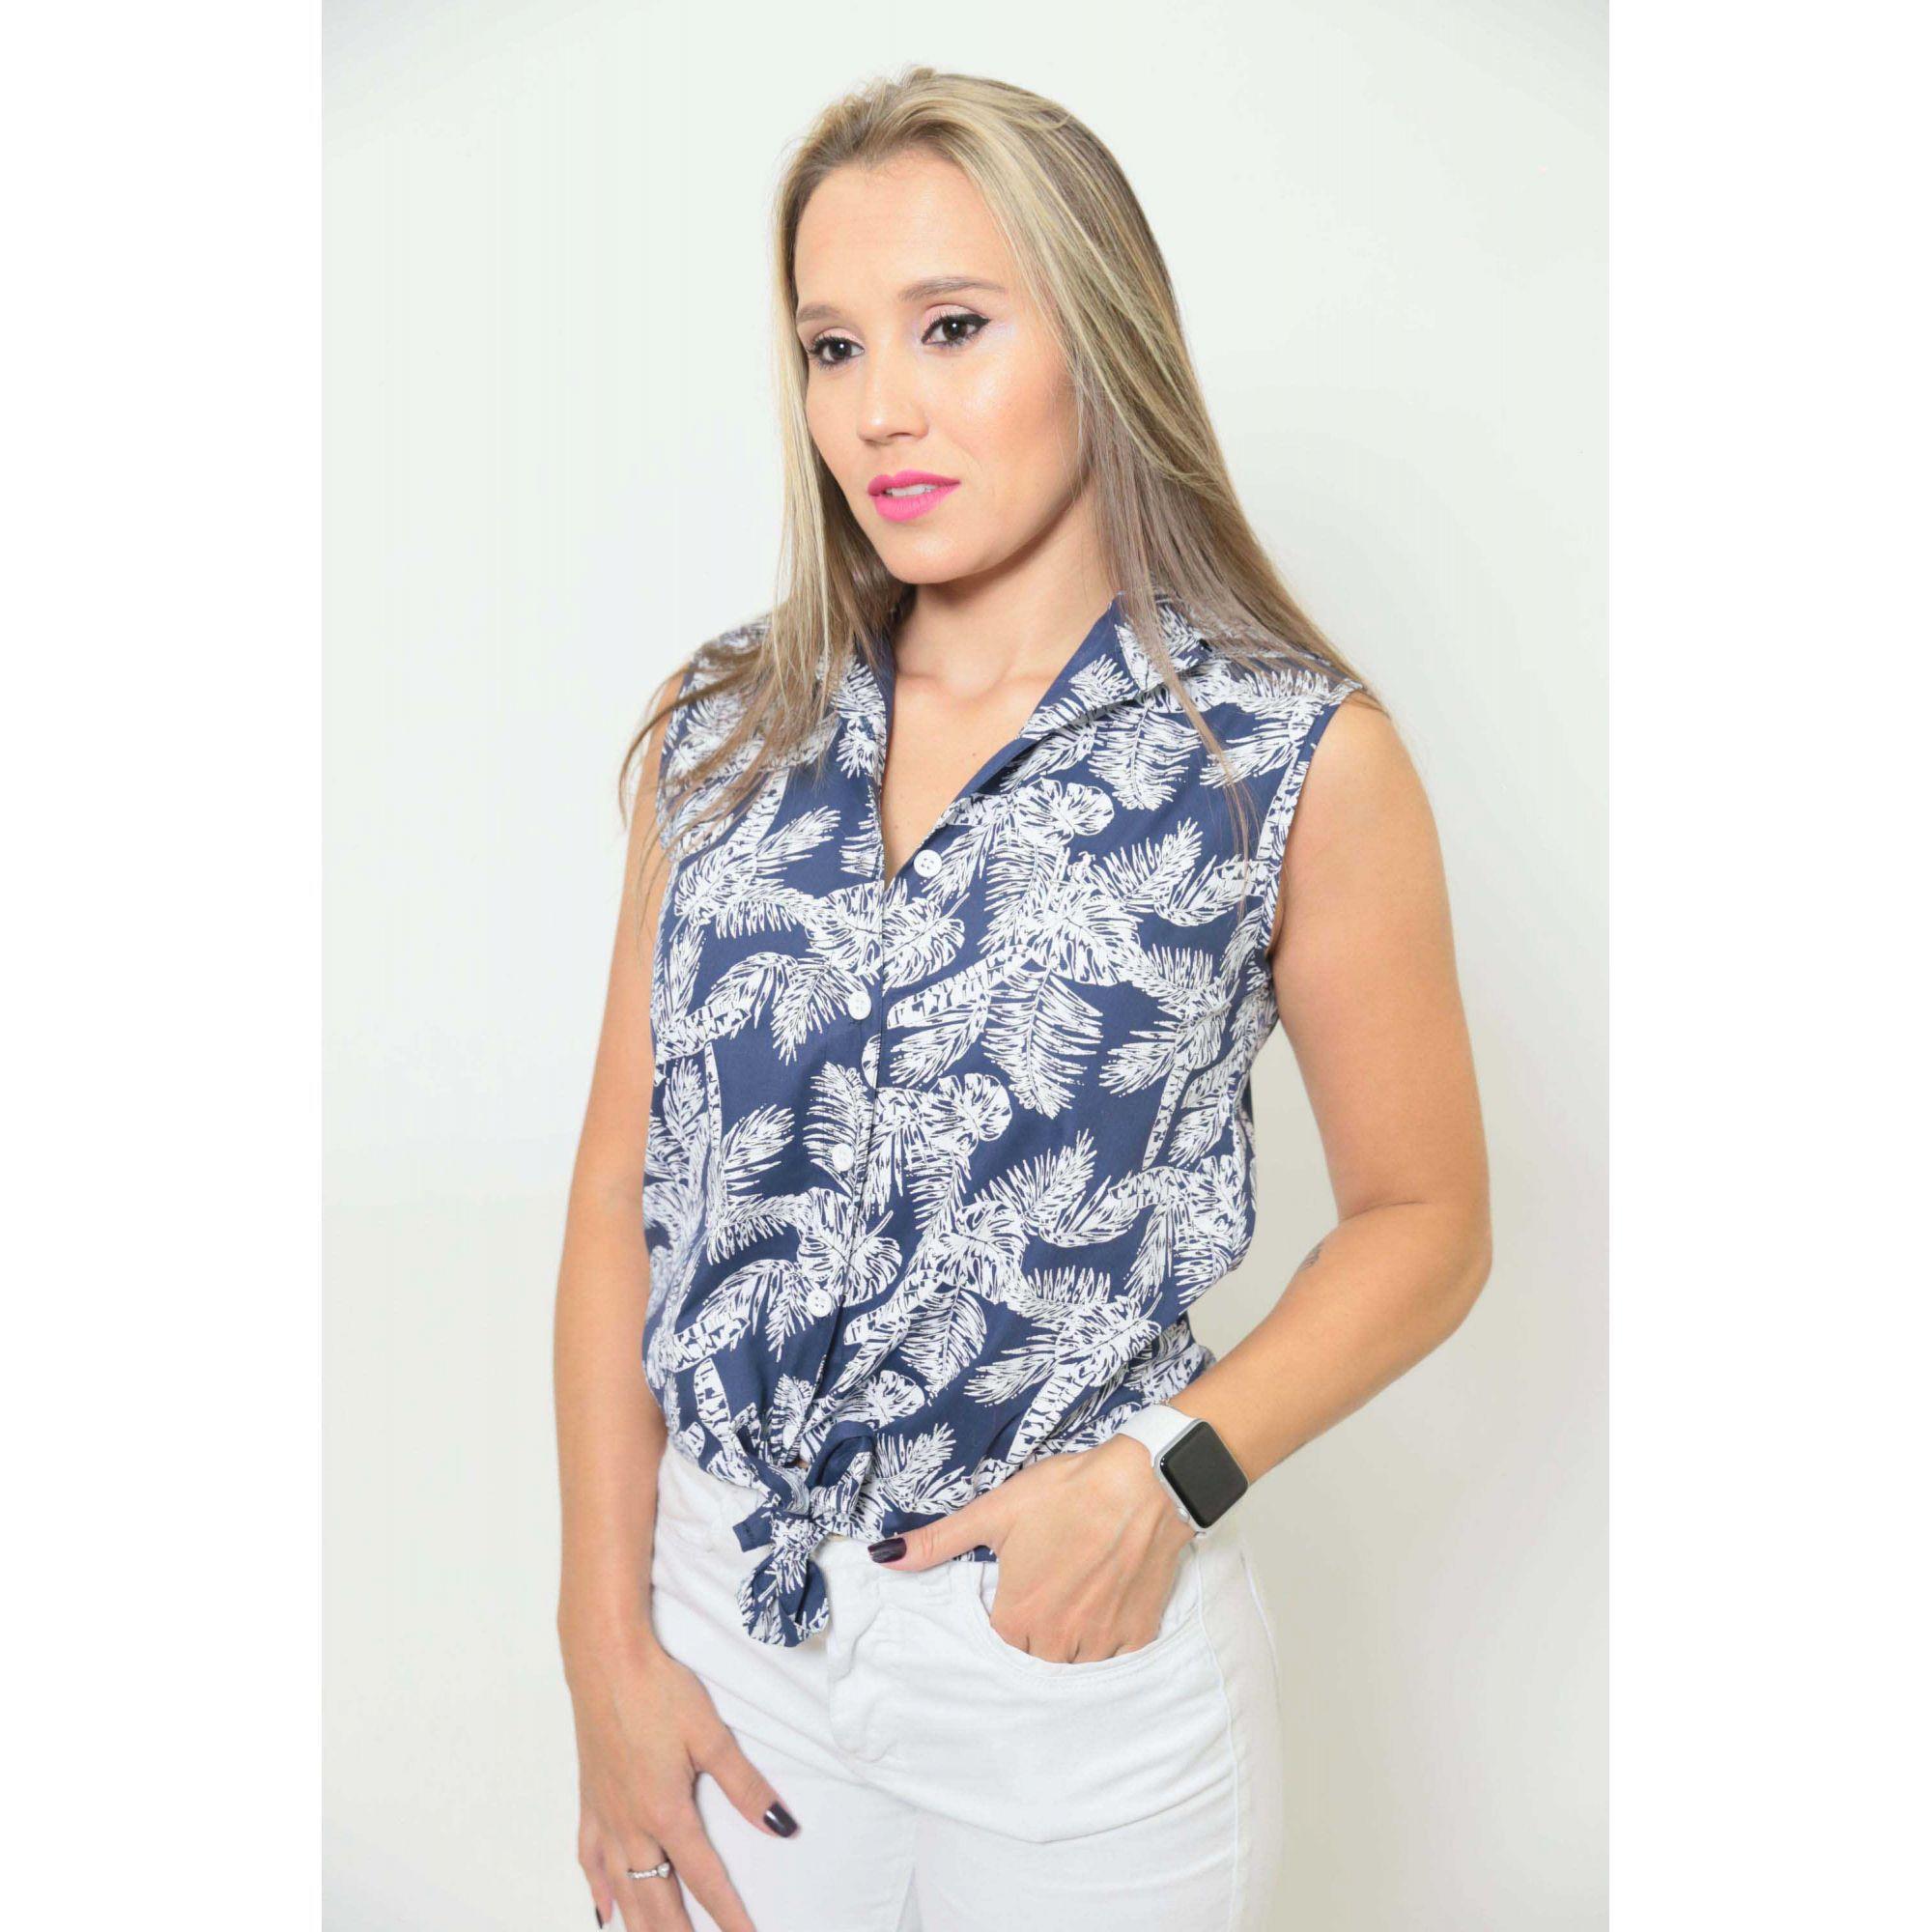 MÃE E FILHO > Camisa Feminina + Bermuda Infantil Azul Floresta [Coleção Tal Mãe Tal Filho]  - Heitor Fashion Brazil